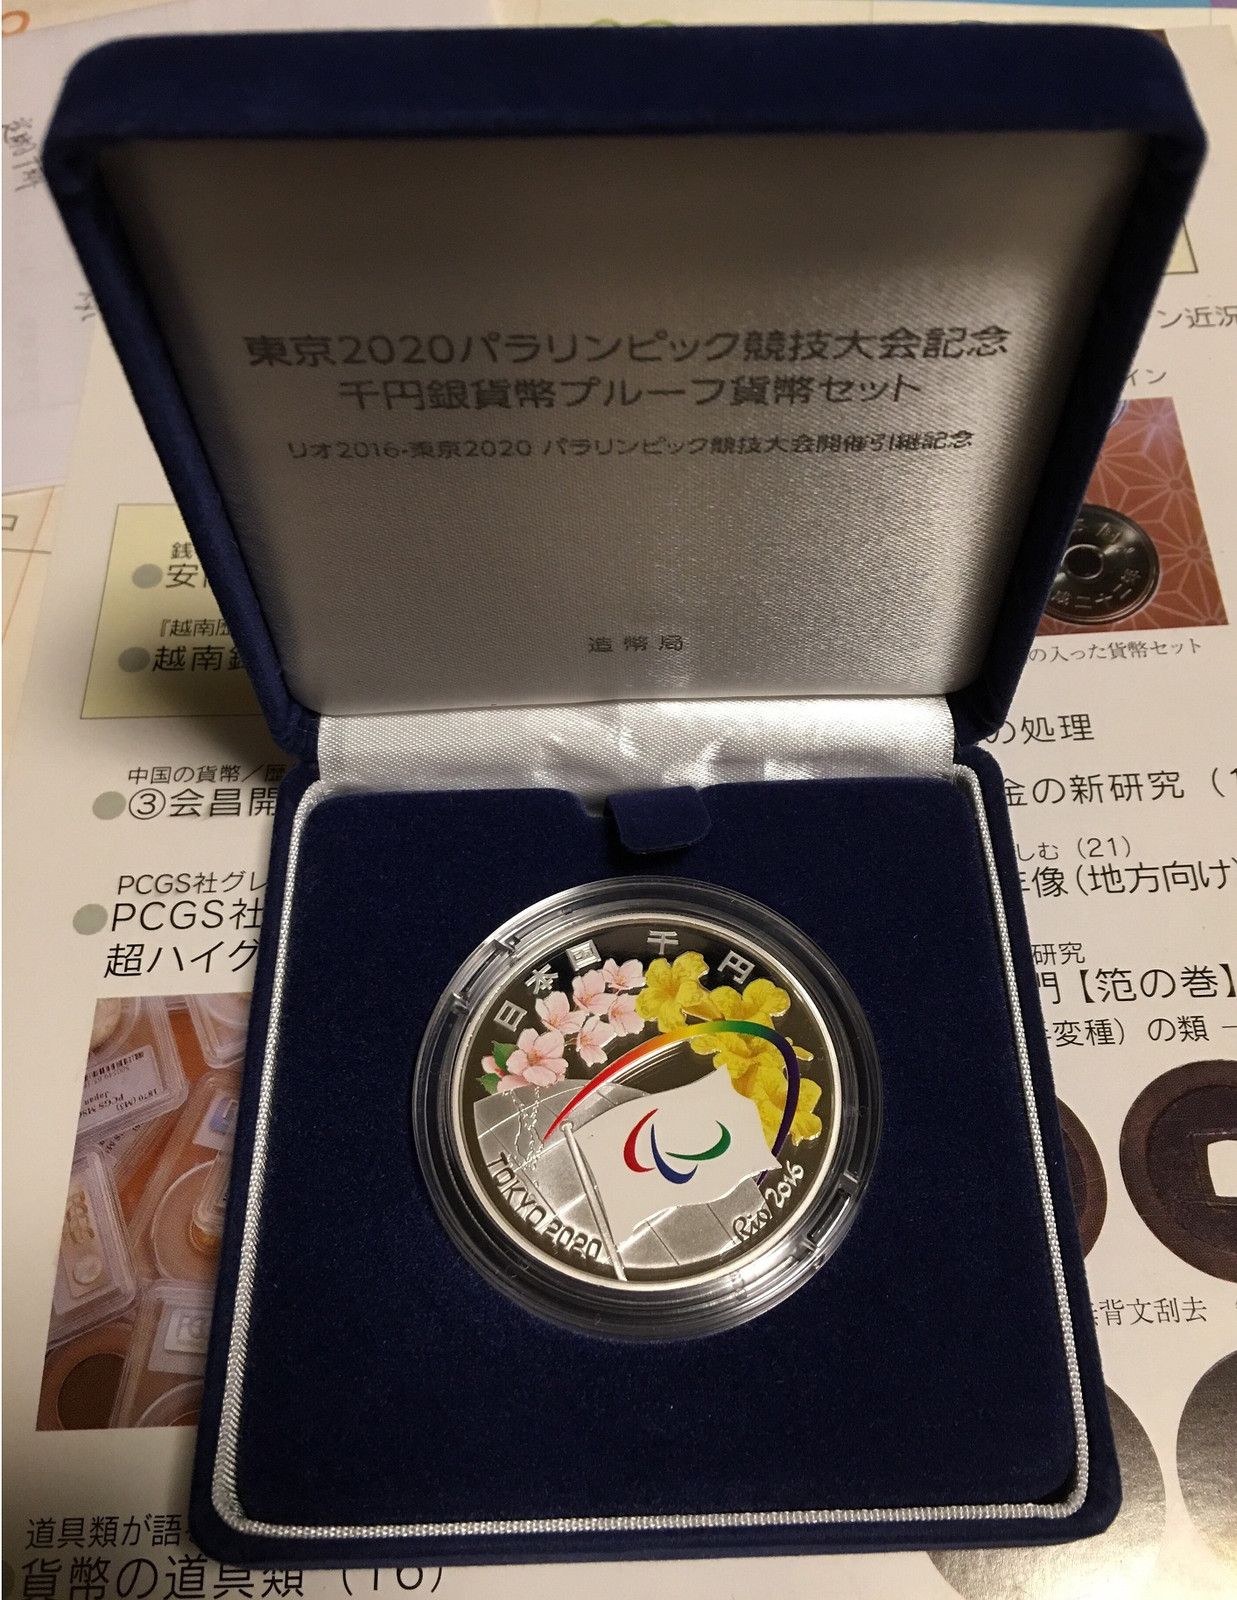 しろ 中止 東京 オリンピック